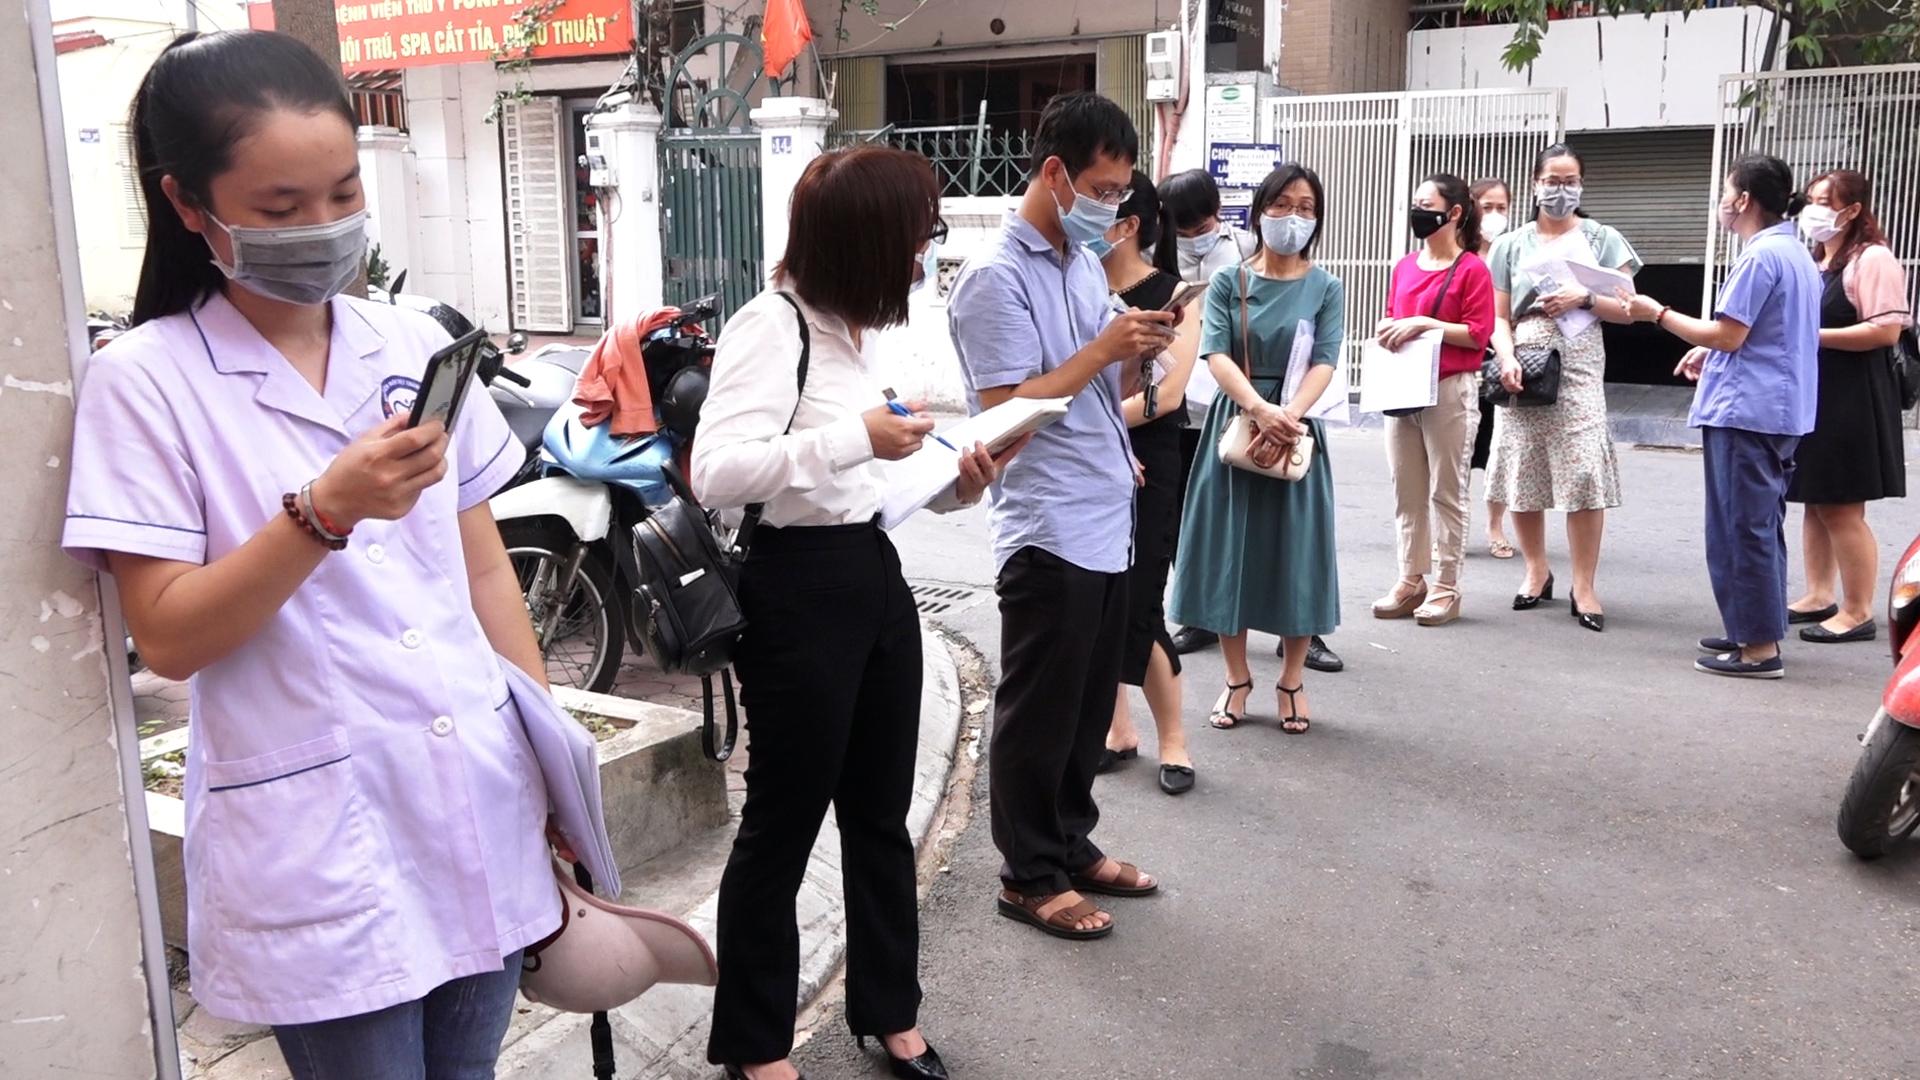 Xếp hàng dài chờ xác nhận giấy đi đường ở Hà Nội